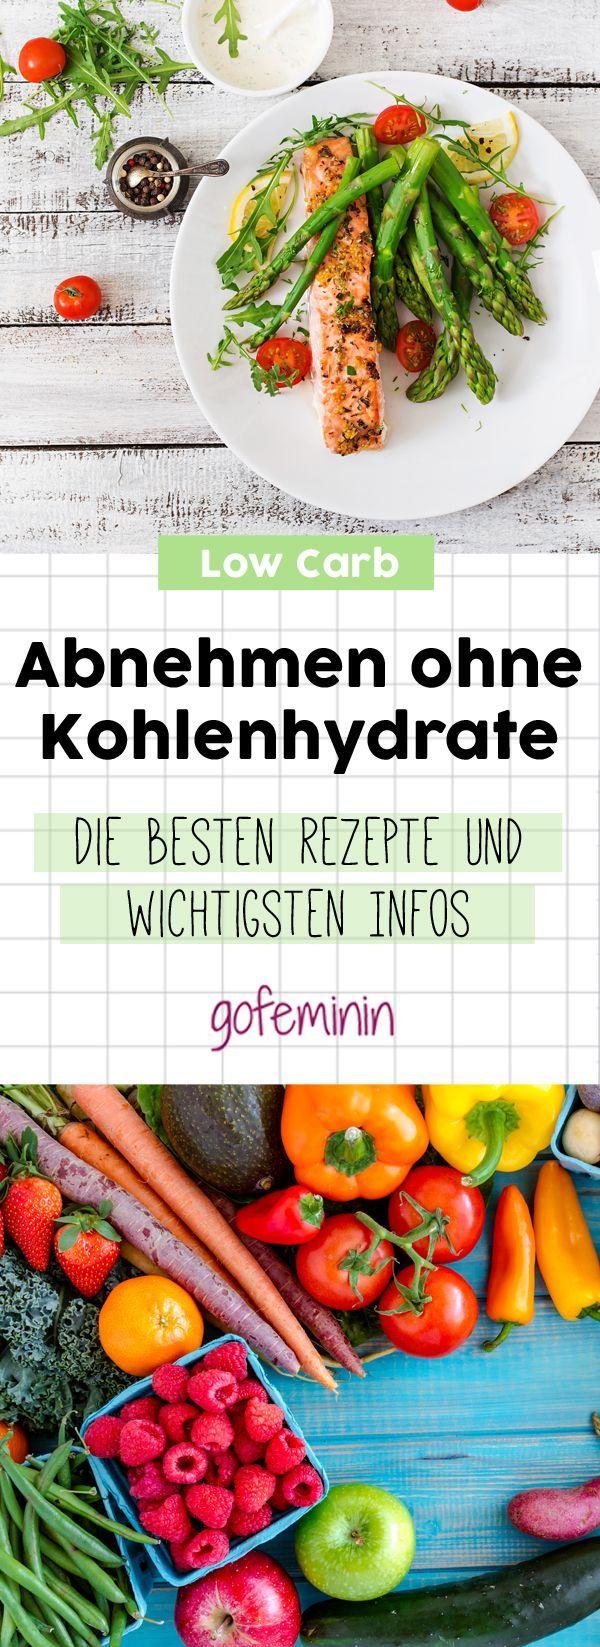 Abnehmen ohne Kohlenhydrate: Schnelle Rezepte & wichtige Infos   - Fitness Übungen // Ernährungstipp...